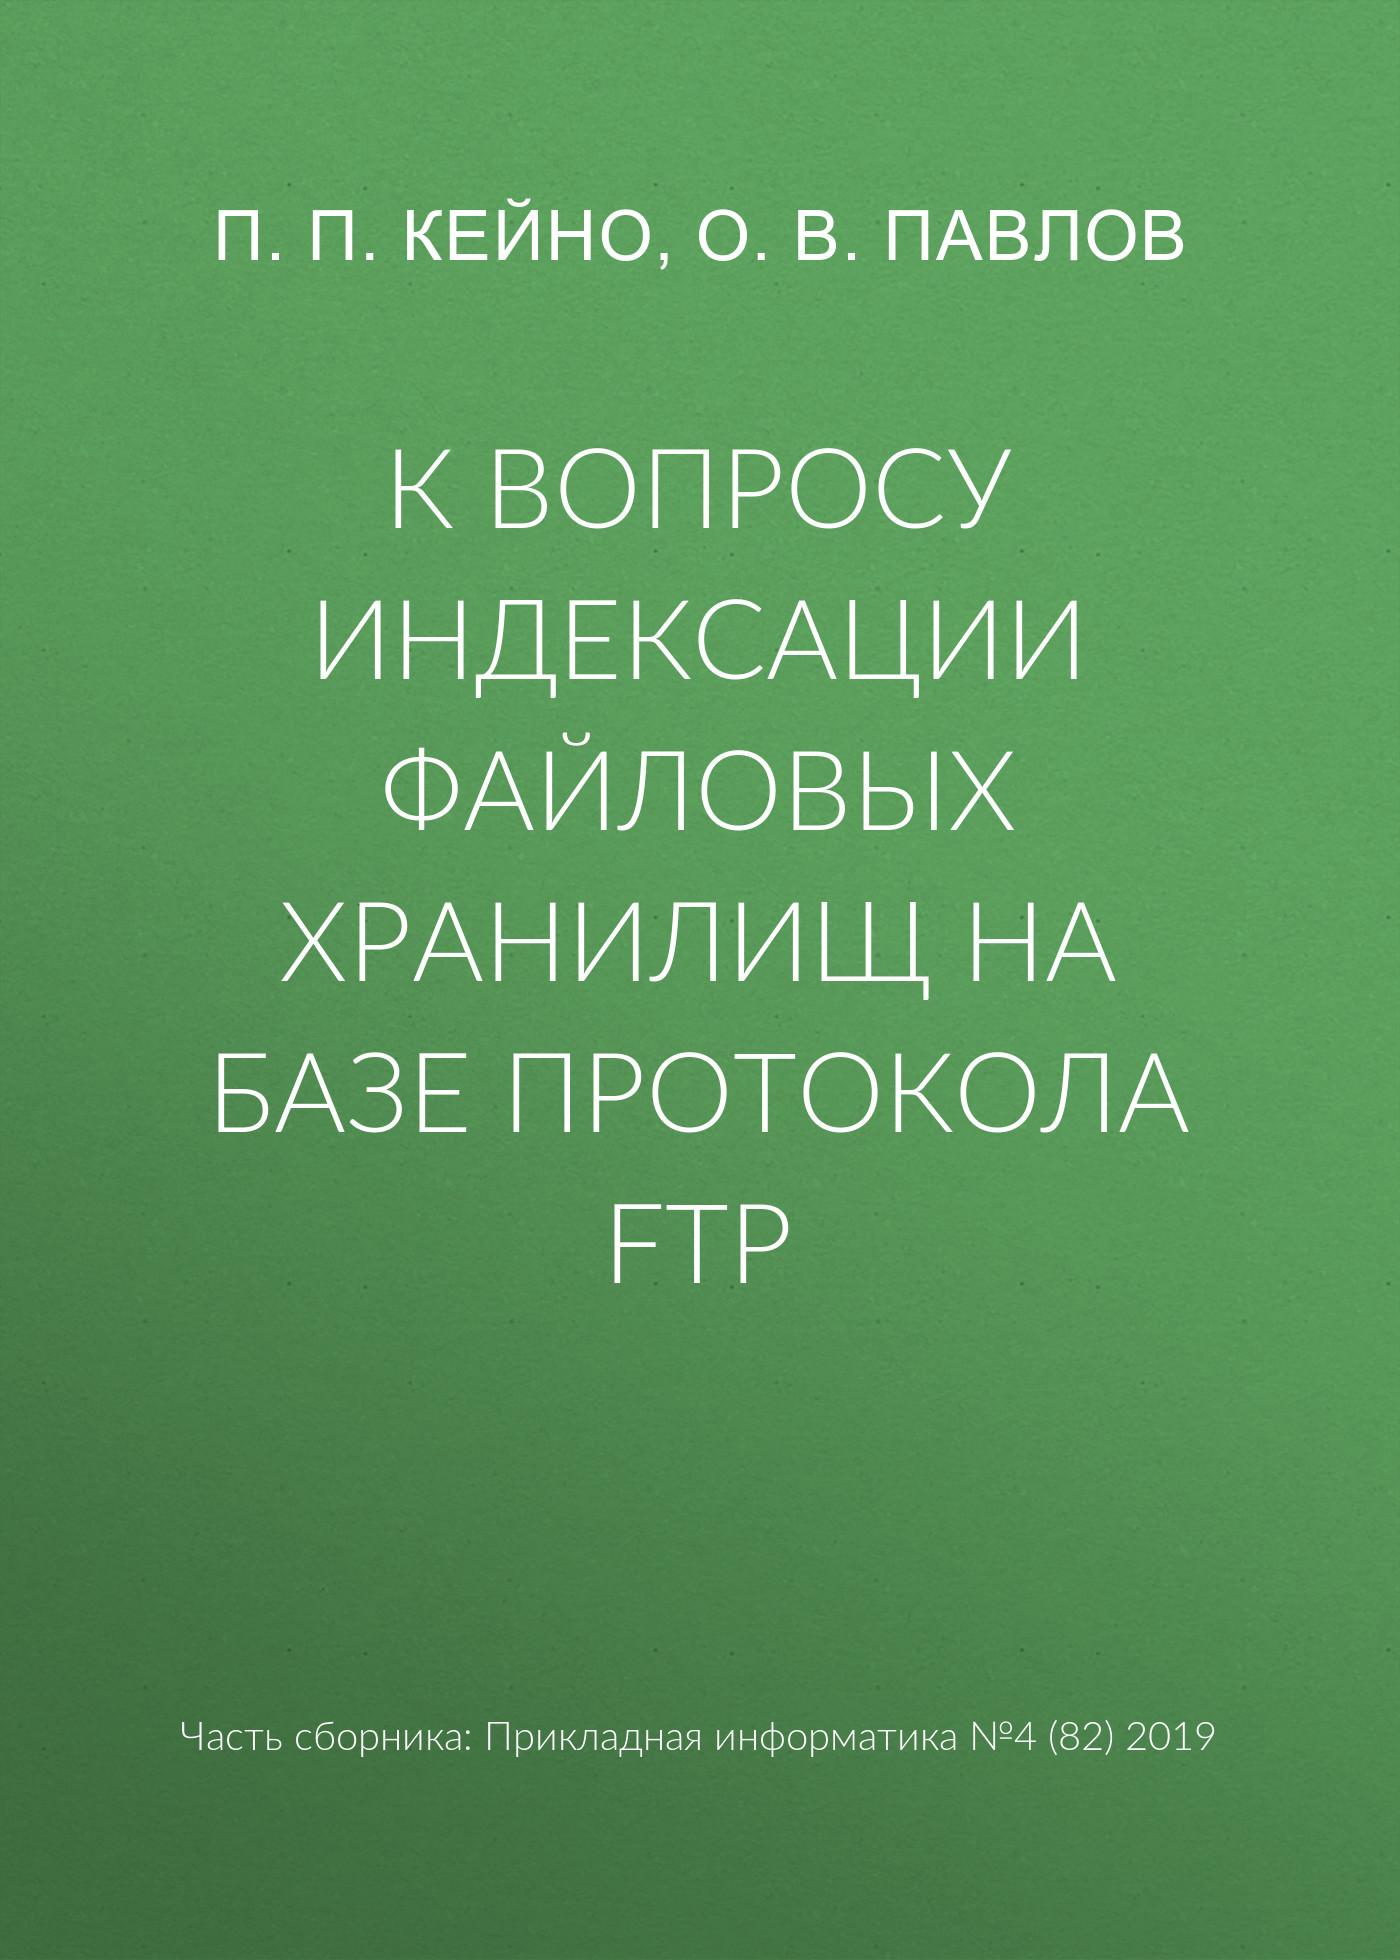 П. П. Кейно К вопросу индексации файловых хранилищ на базе протокола FTP